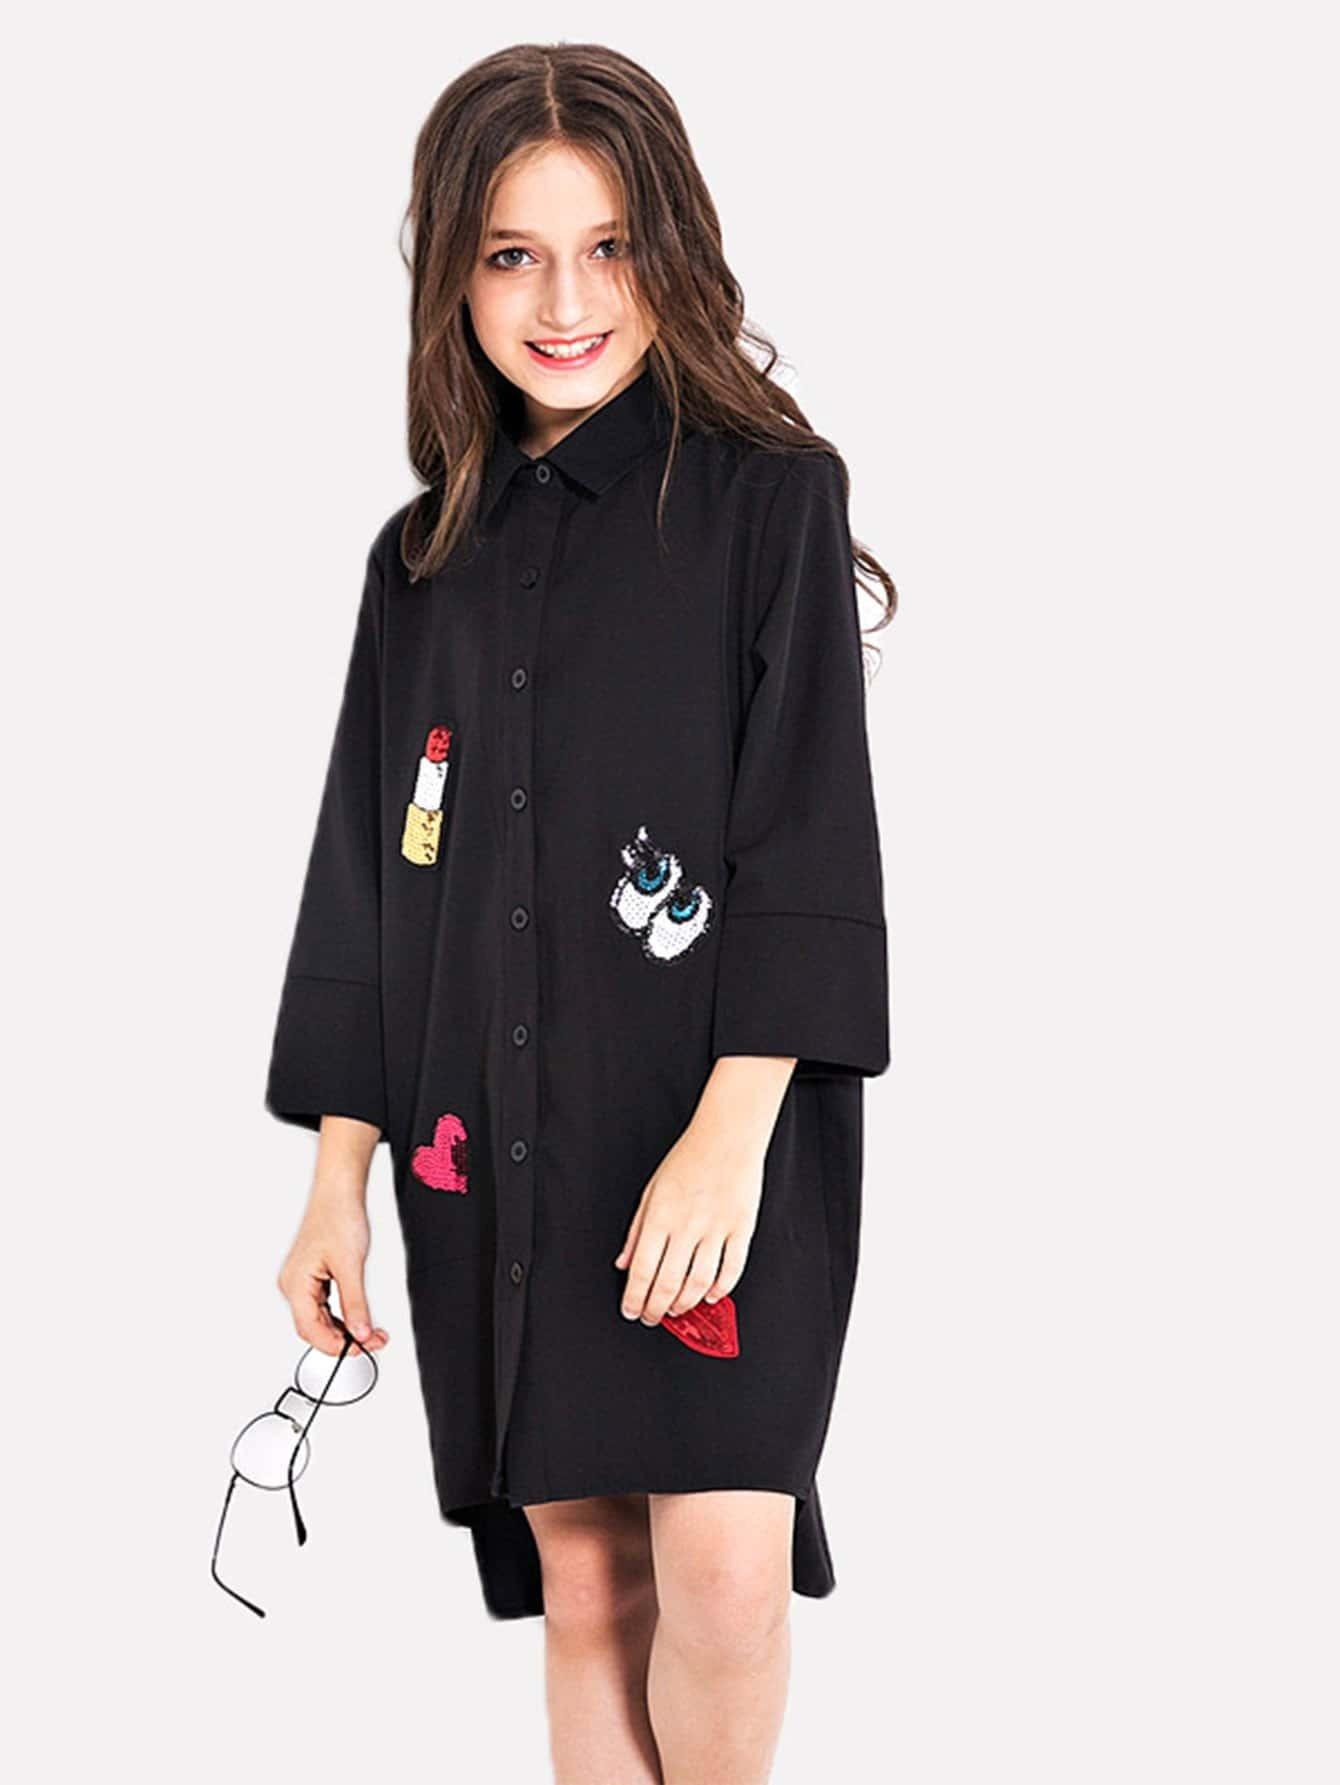 Купить Платье с симметрических мультяшных узоров для девочки, null, SheIn